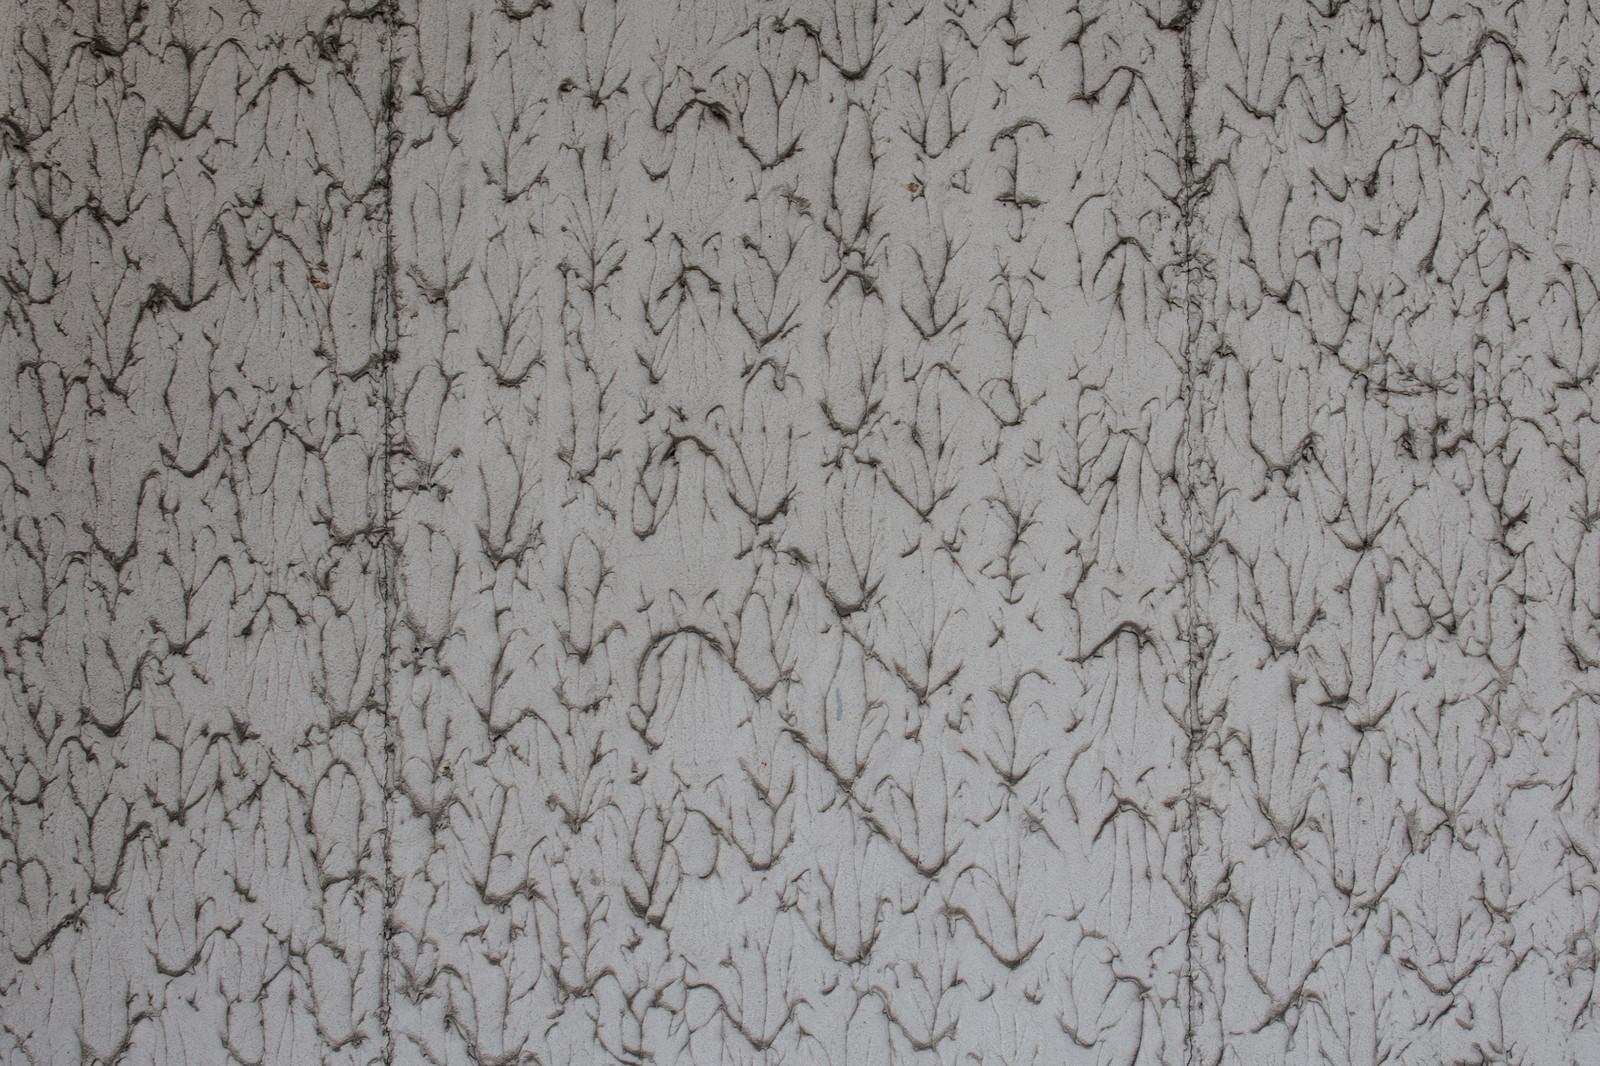 「汚れがこびりついて遠目からは模様ぽい壁」の写真